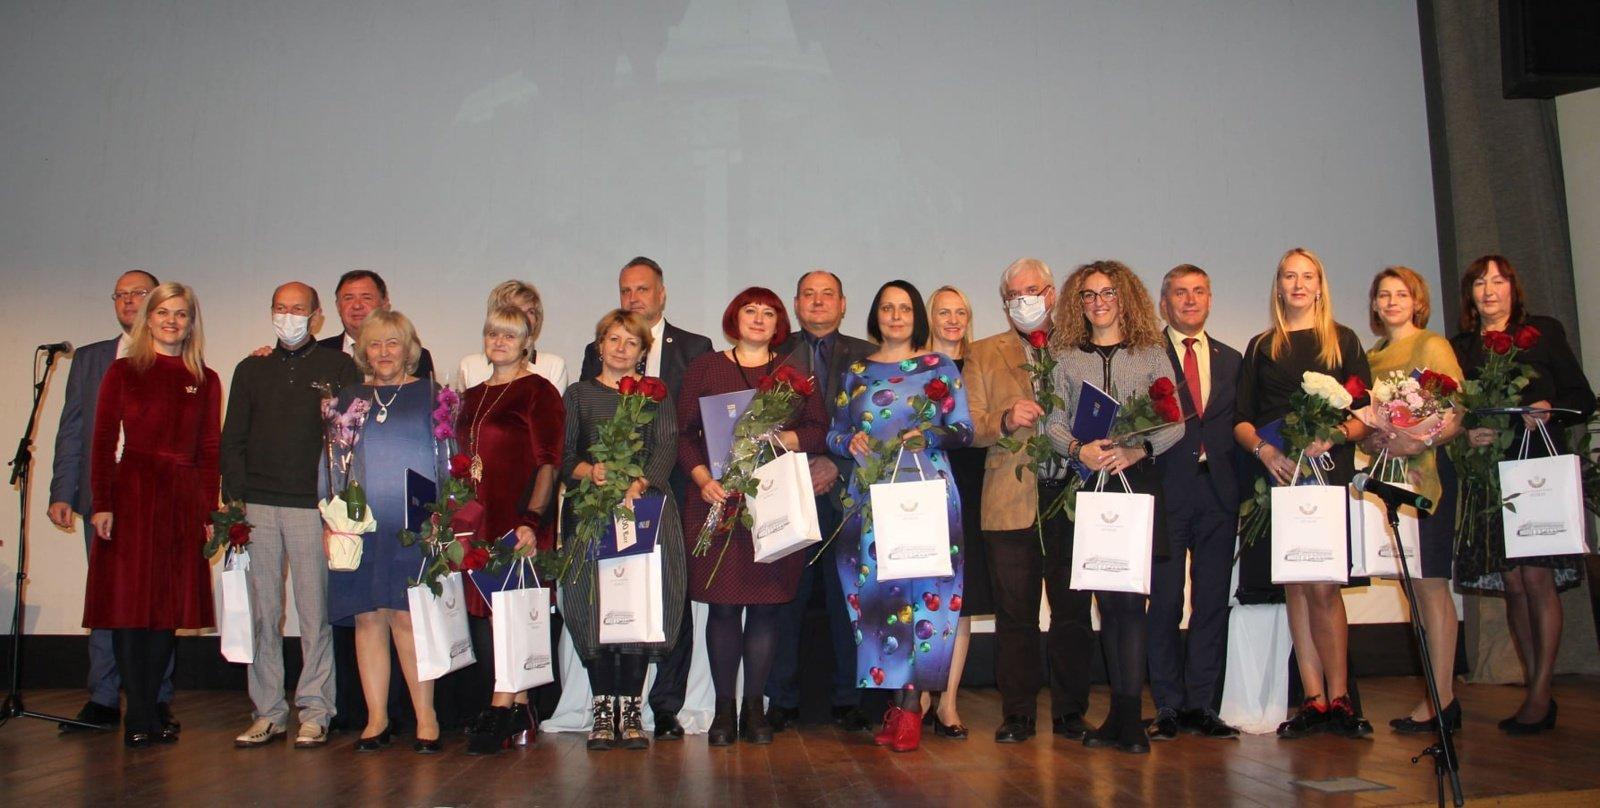 Tarptautinės mokytojų dienos proga apdovanoti Elektrėnų savivaldybės mokytojai